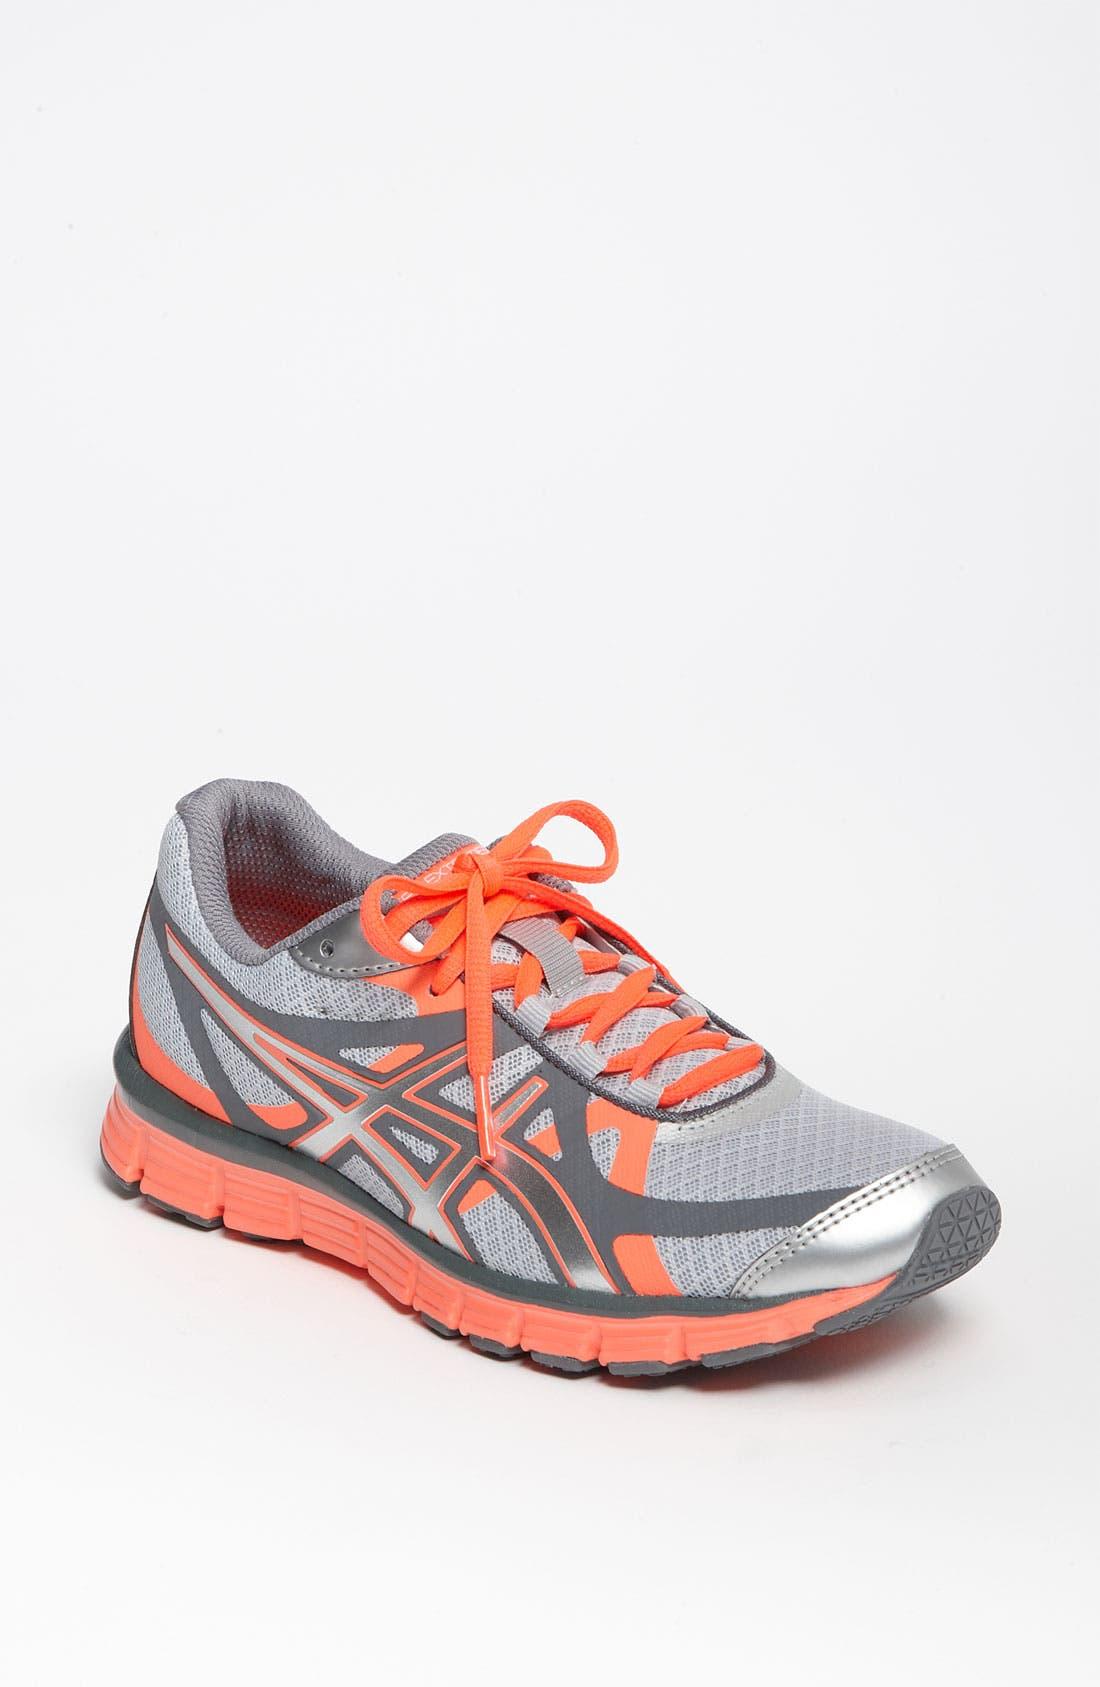 Main Image - ASICS® 'Gel Extreme 33' Running Shoe (Women)